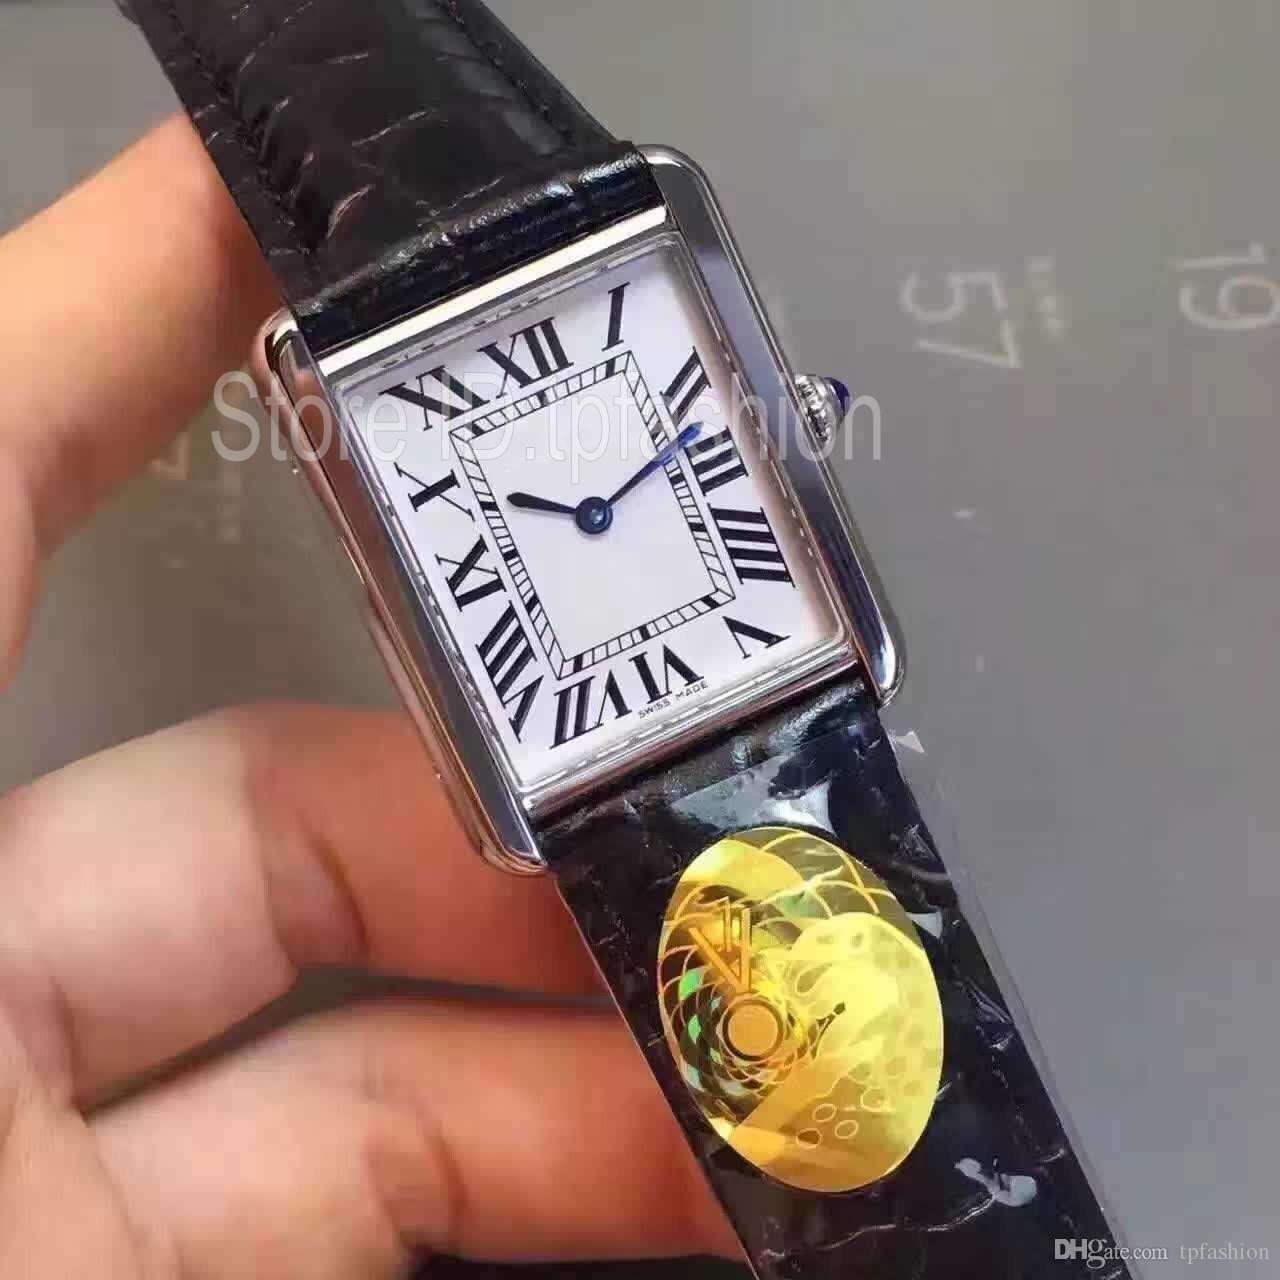 Top qualité Mode Quartz Hommes Femmes cadran argenté classique Rectangle design en verre saphir Bracelet en cuir Casual Horloge 1520